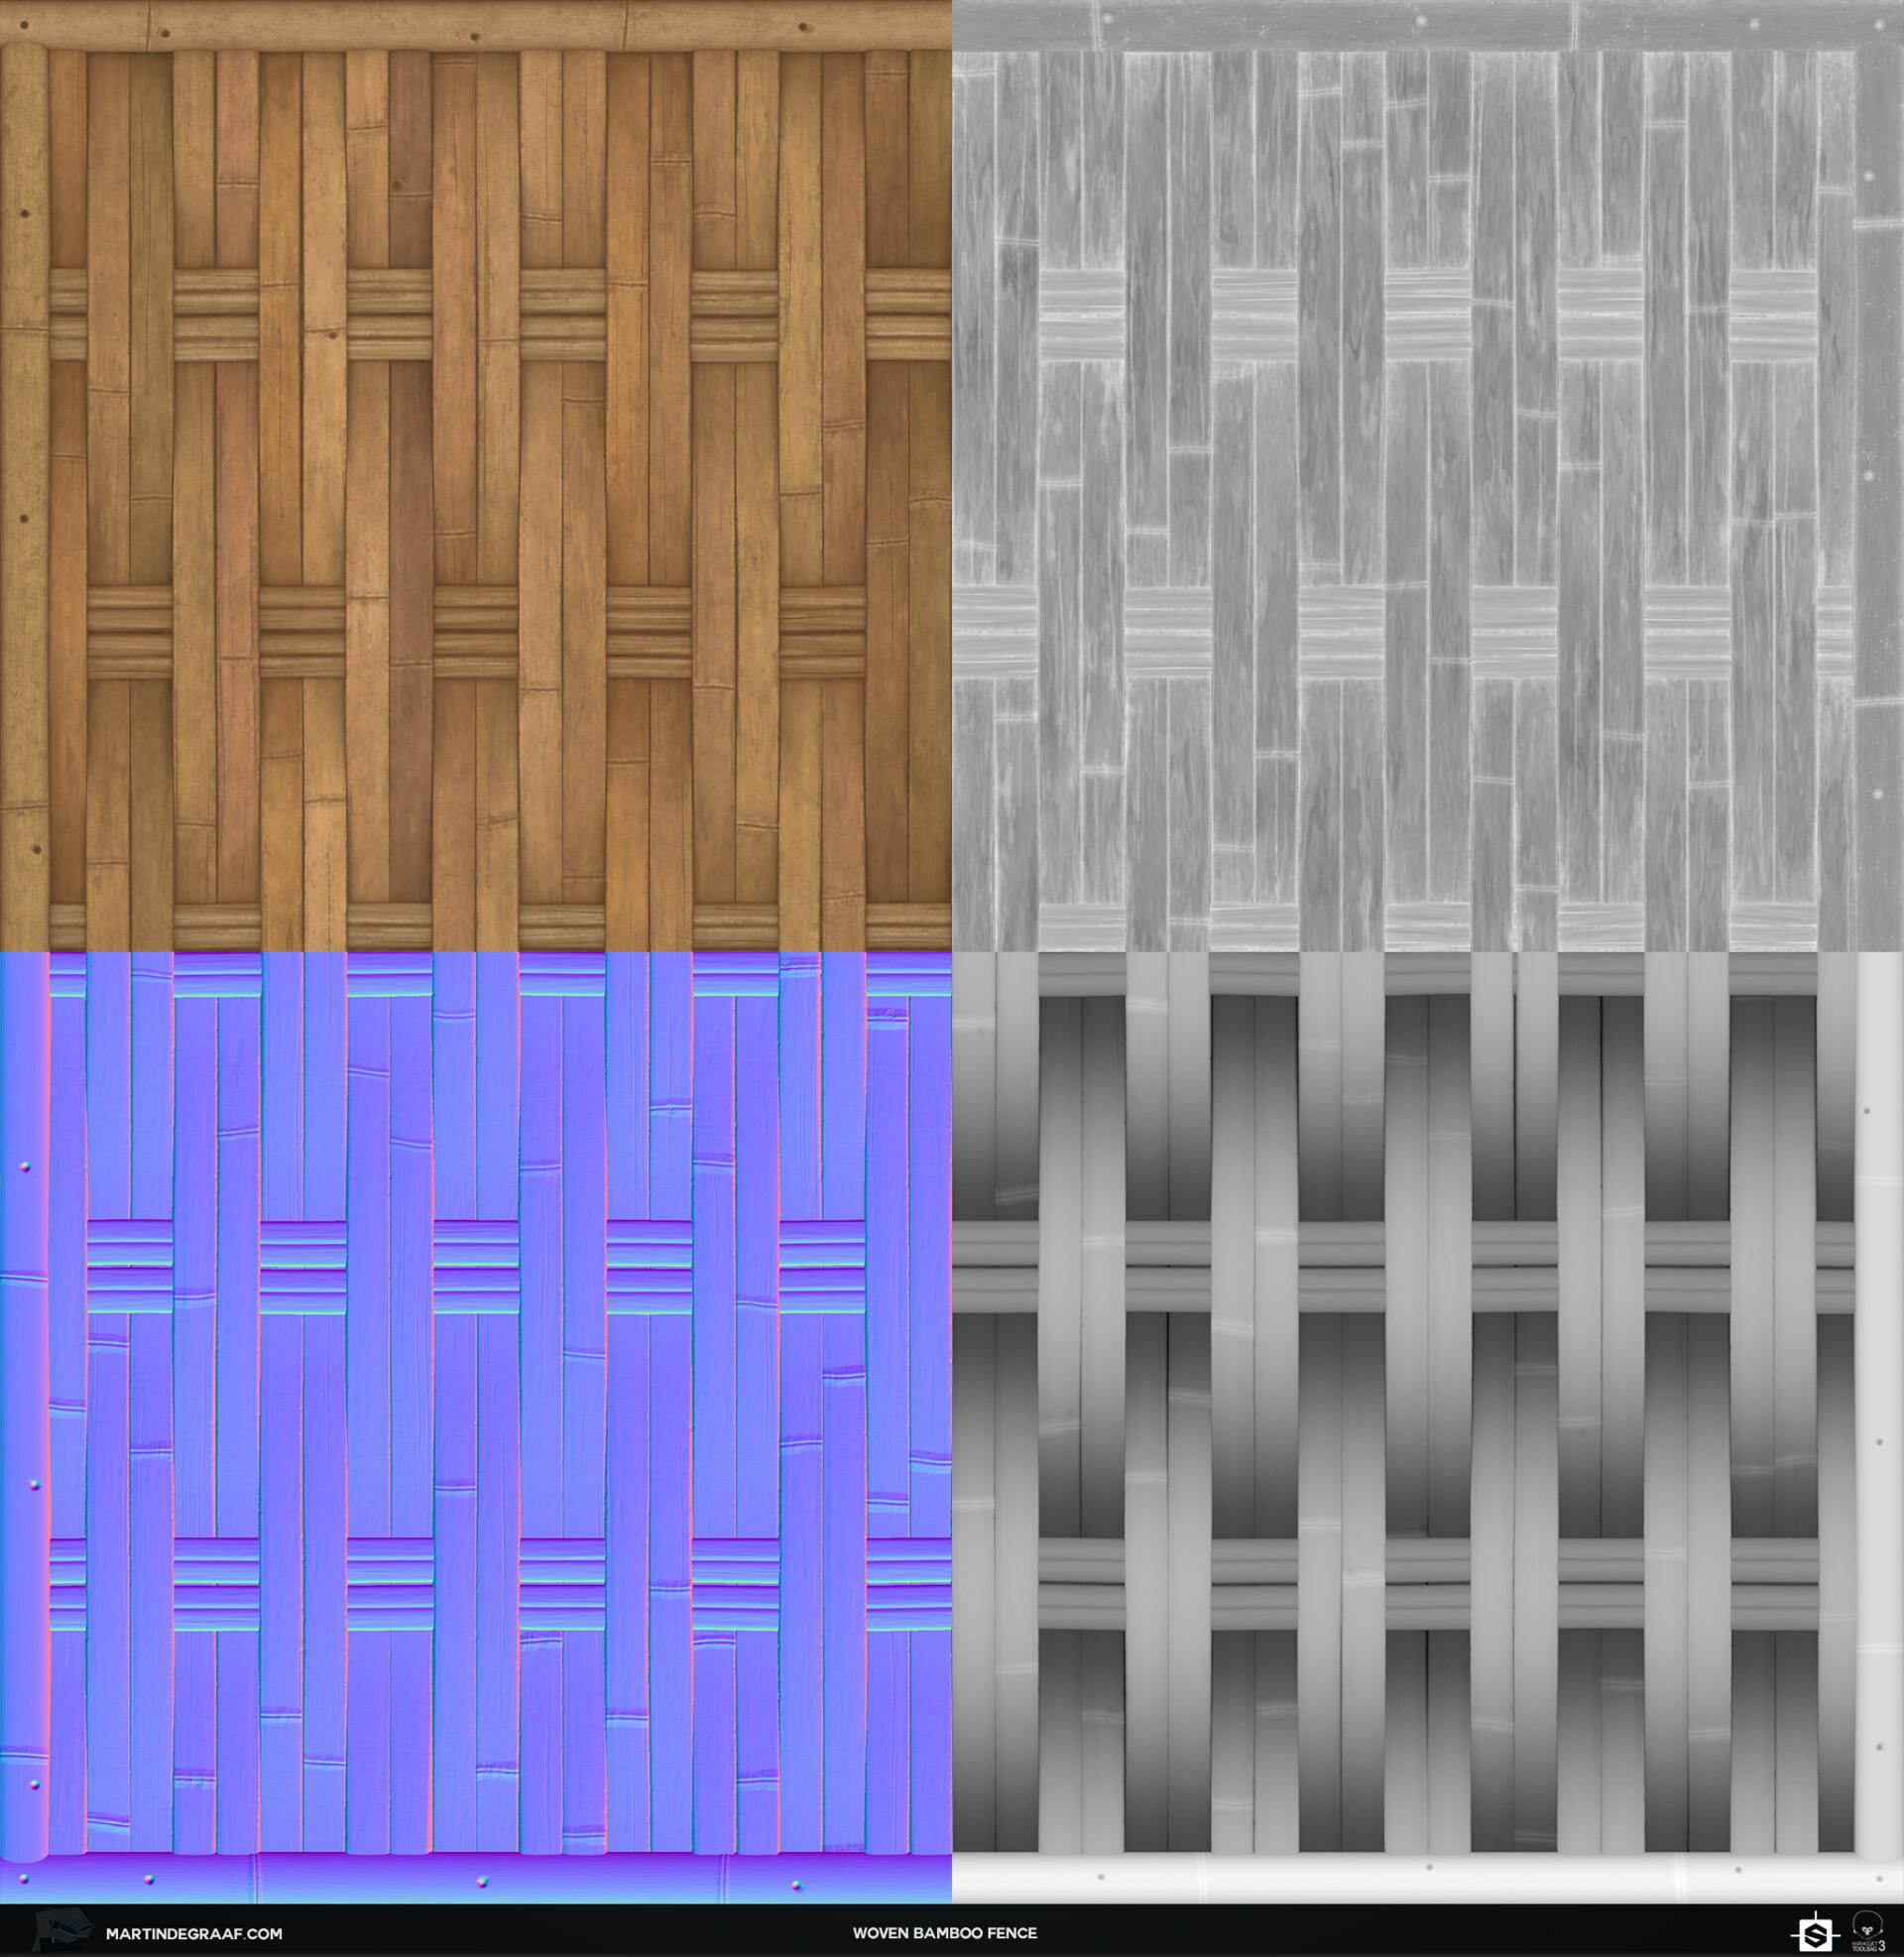 Martin de graaf woven bamboo fence substance texturesheet martin de graaf 2019